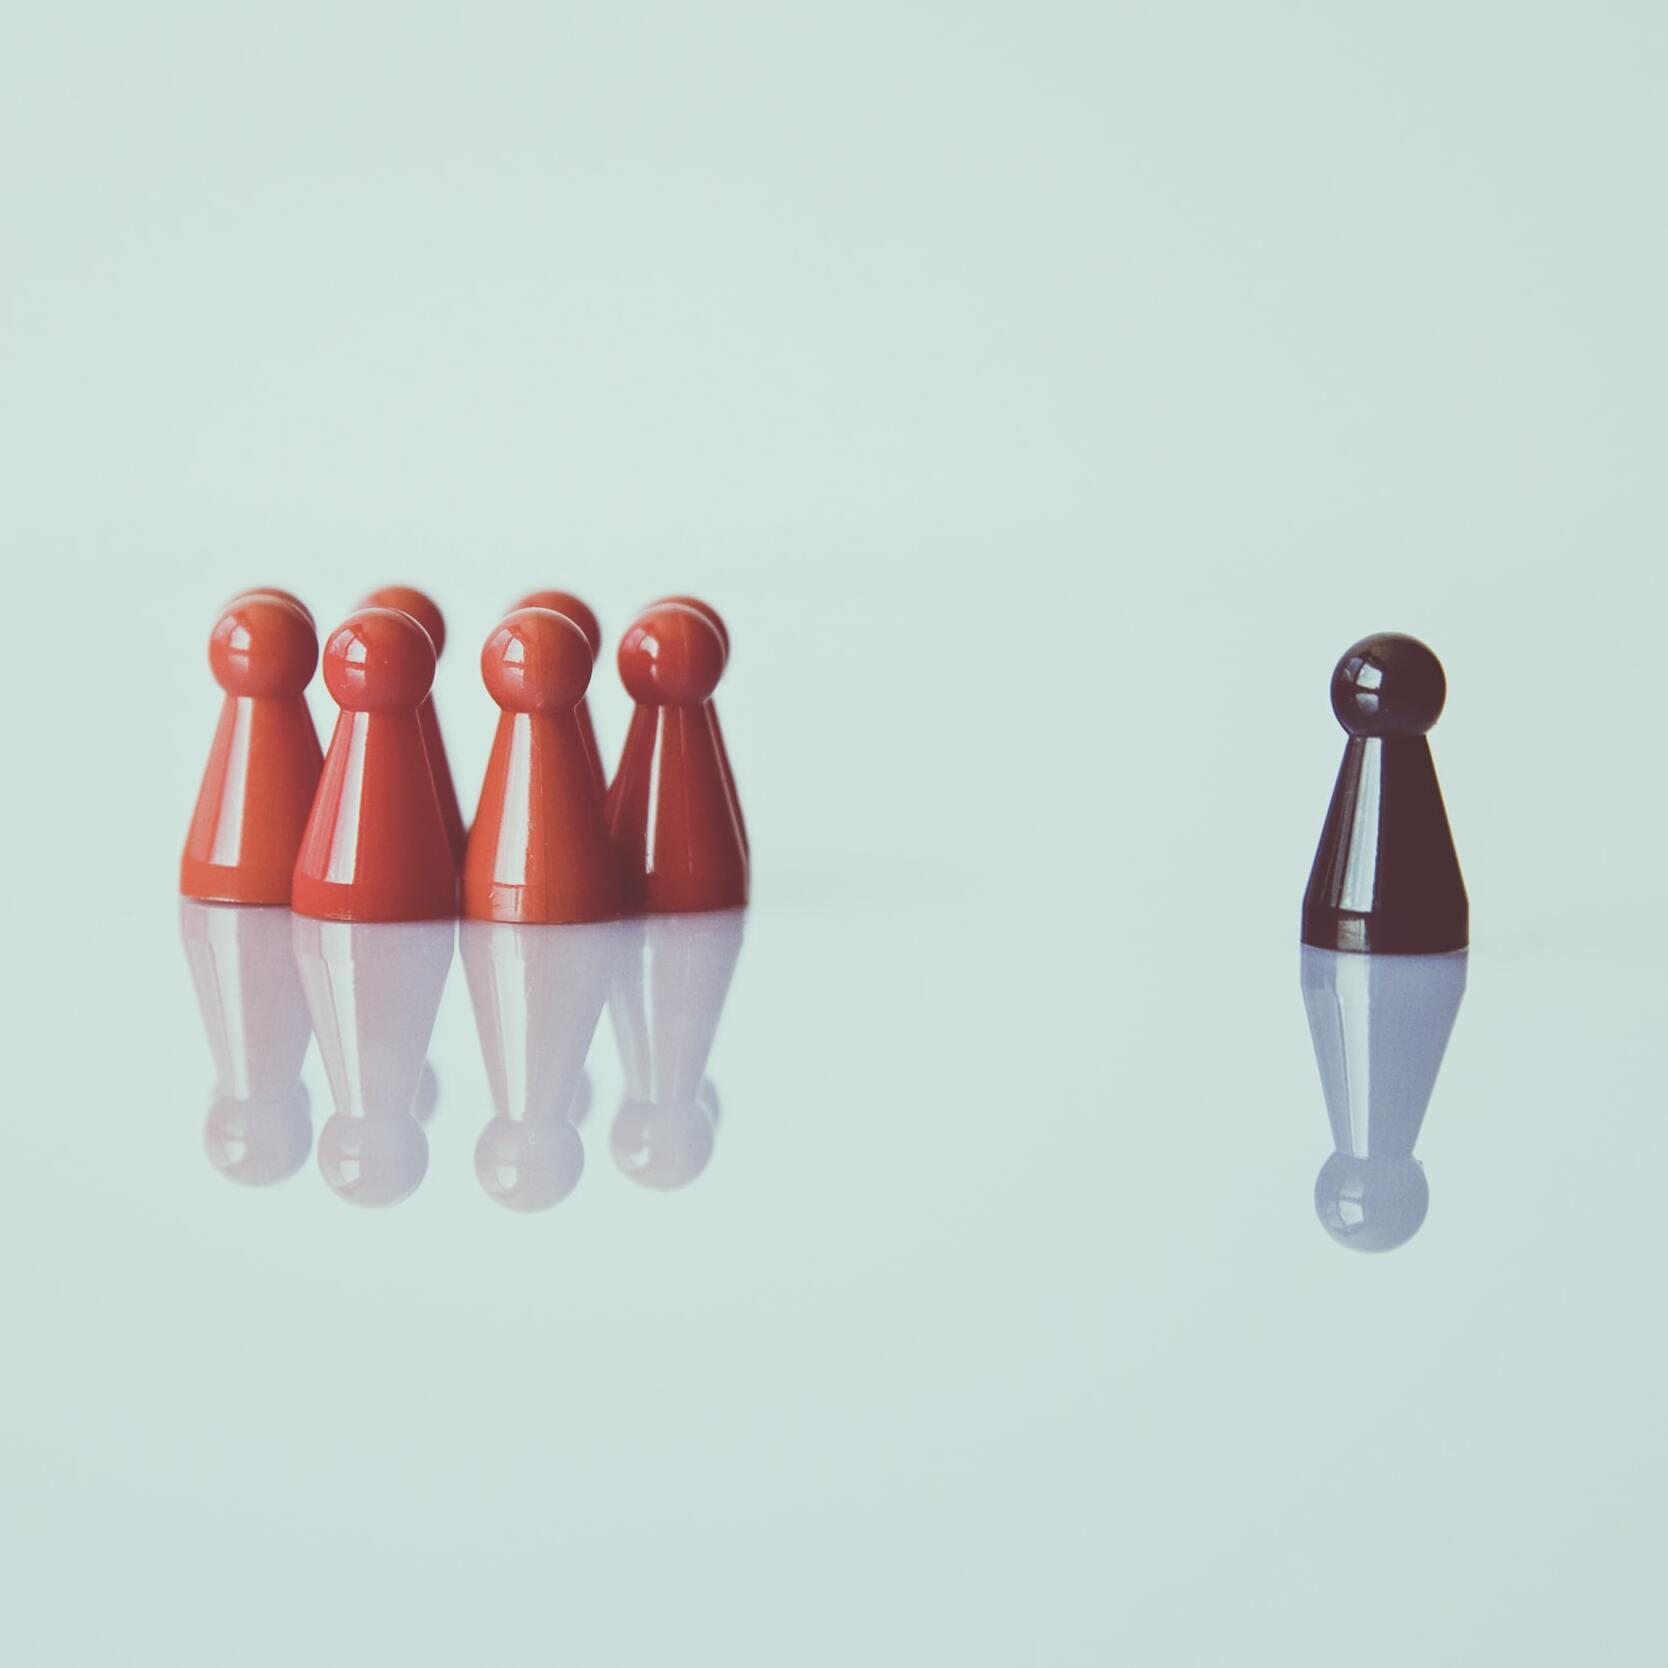 Почему мы покупаем ненужные вещи и другие факты о поведении, которые нас стоит знать